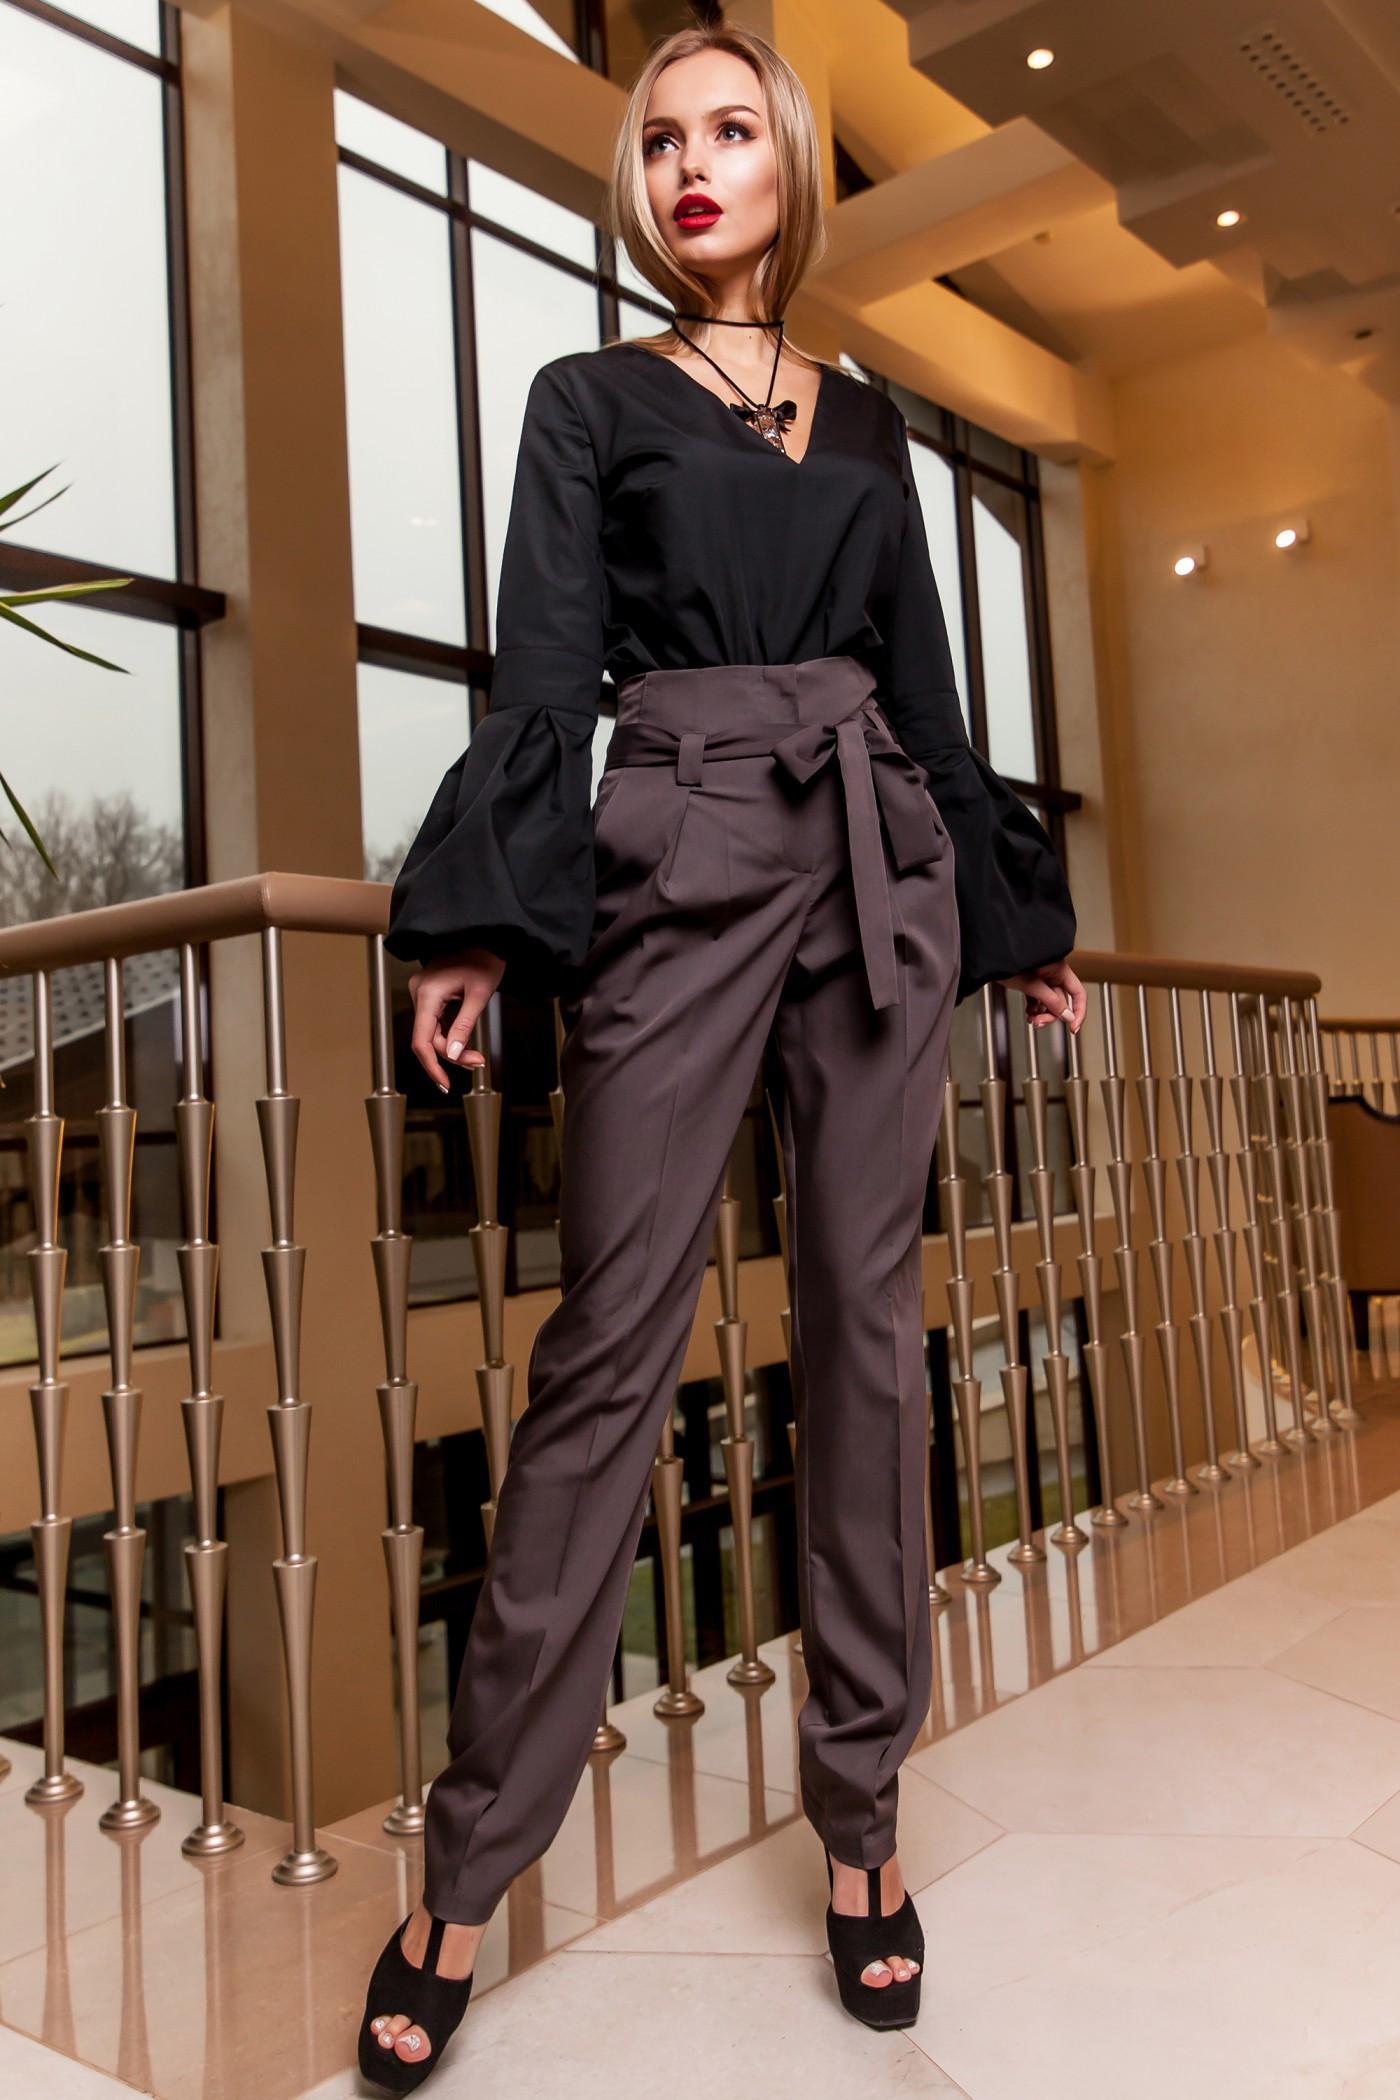 c6332fb64b75 Женские брюки офисном стиле Jadone Fashion Норис купить в Киеве ...